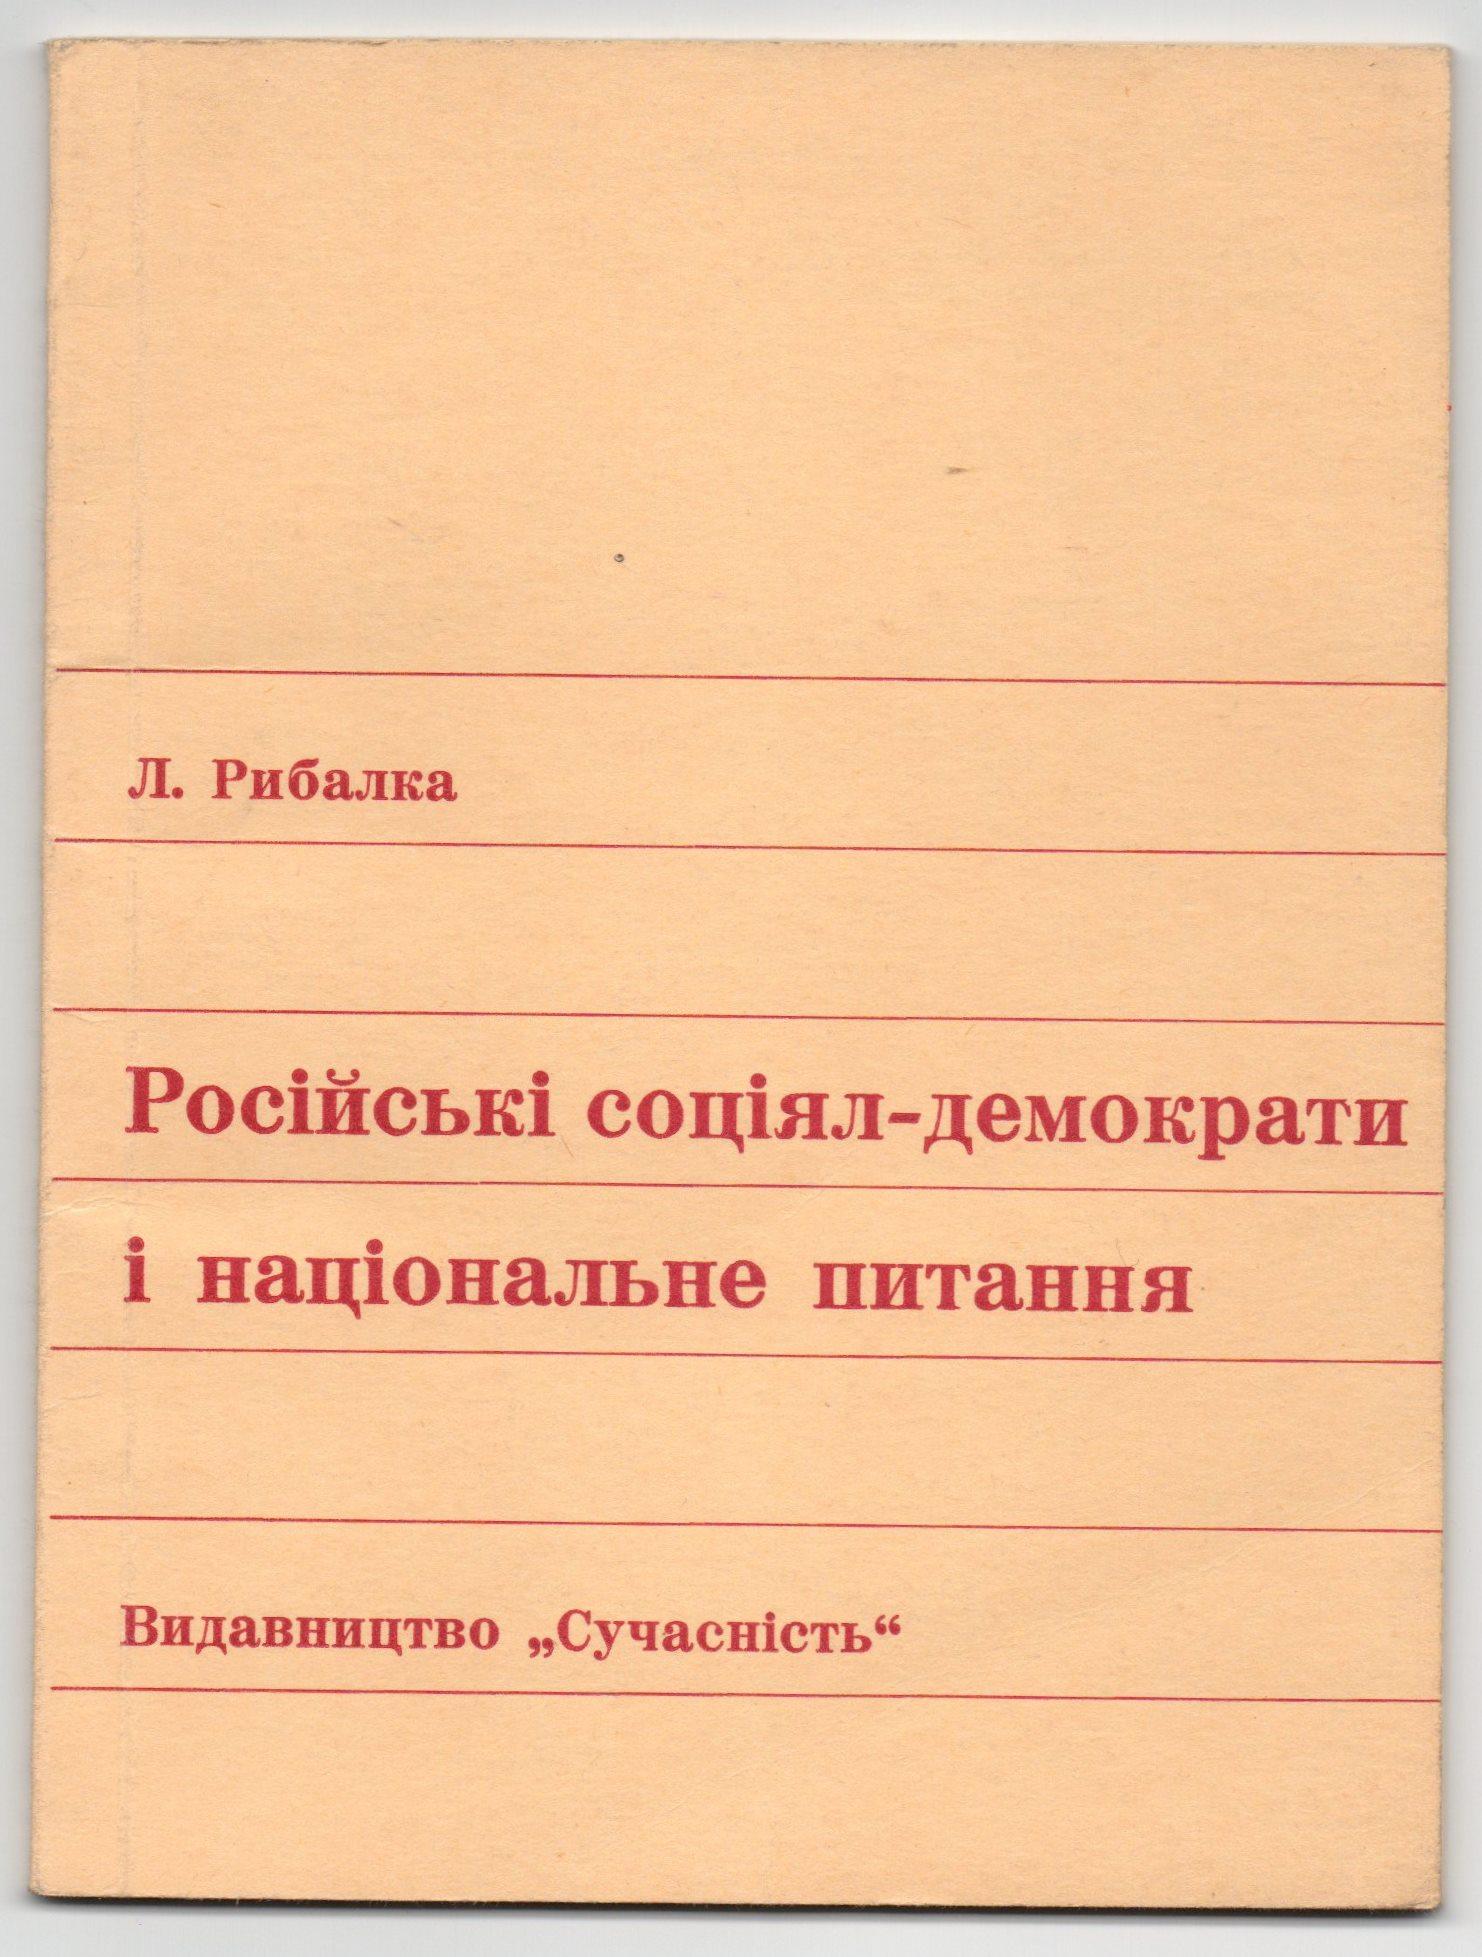 """Книга """"Рибалка Л. Російські соціял-демократи і національне питання"""""""